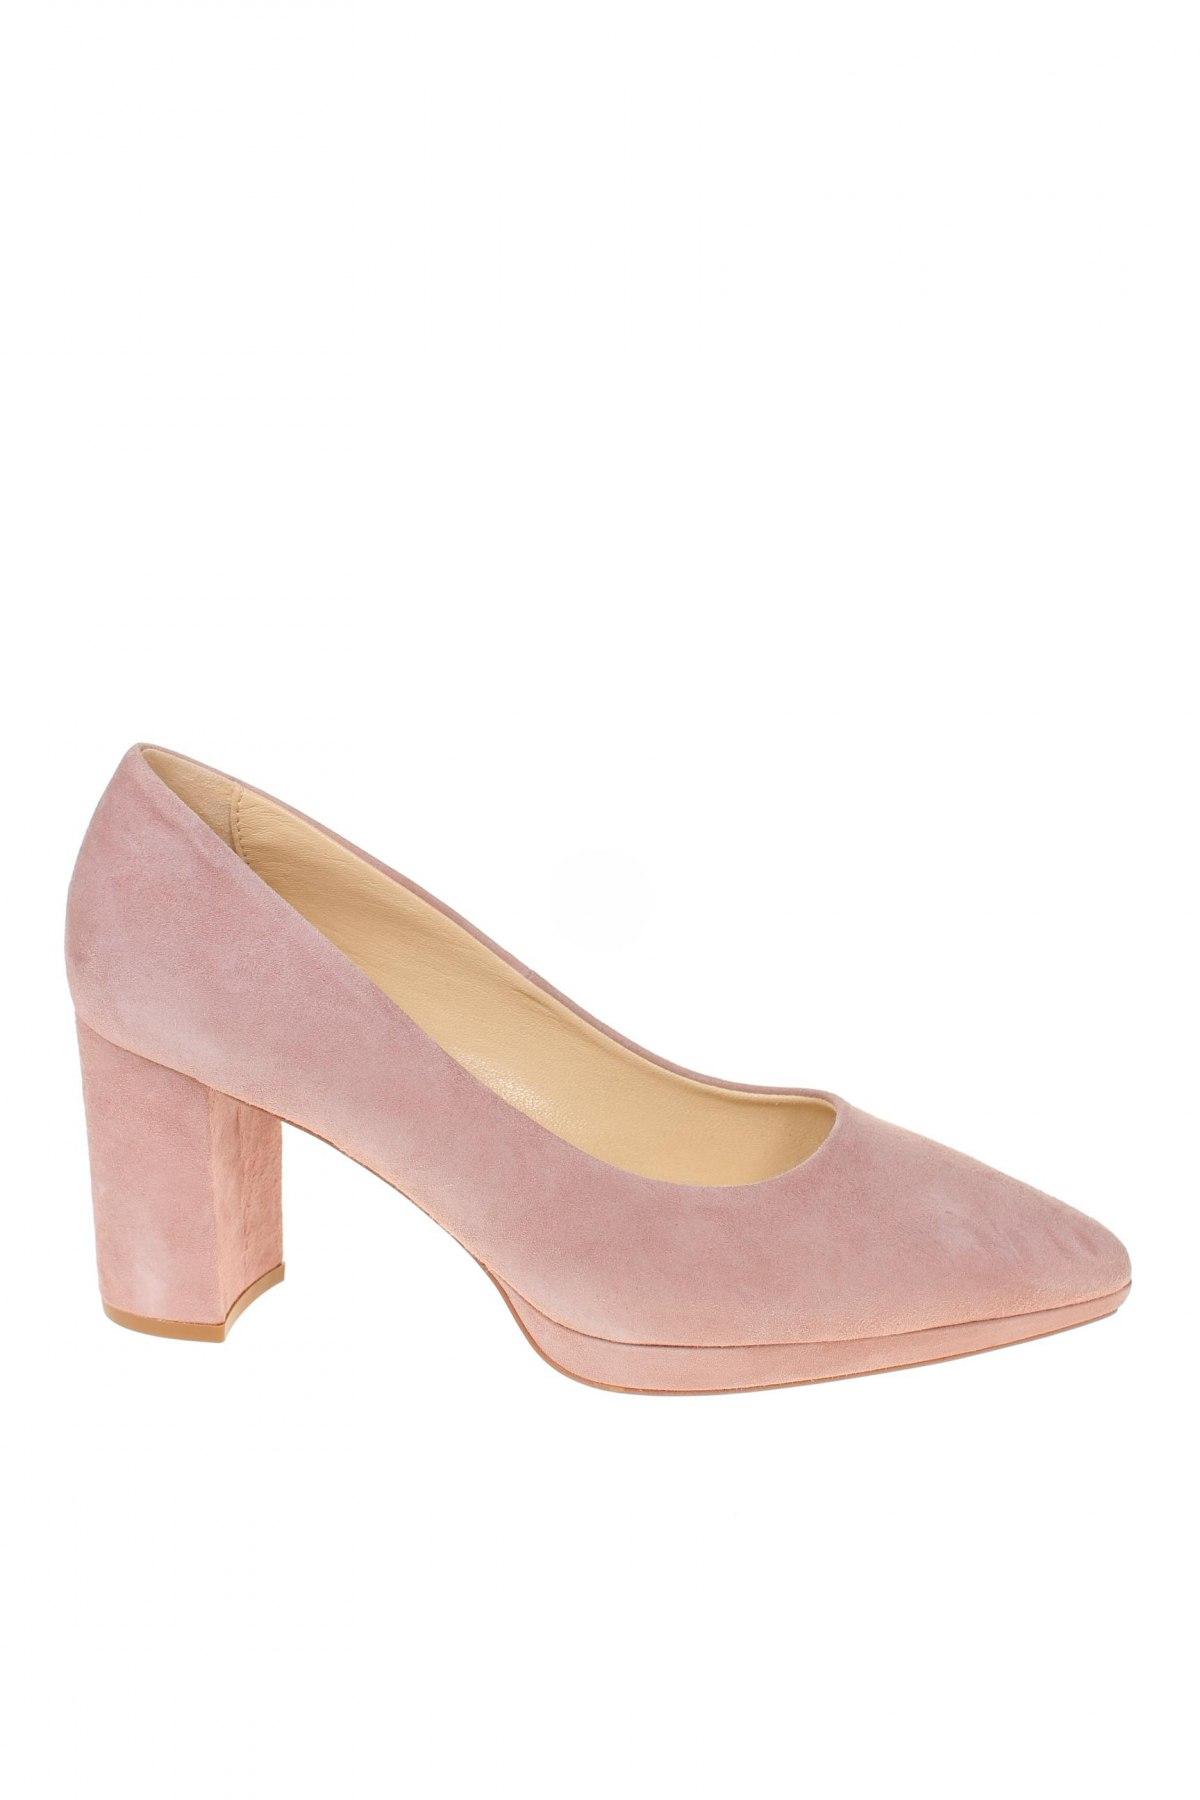 Дамски обувки Elodie, Размер 38, Цвят Розов, Естествен велур, Цена 89,25лв.